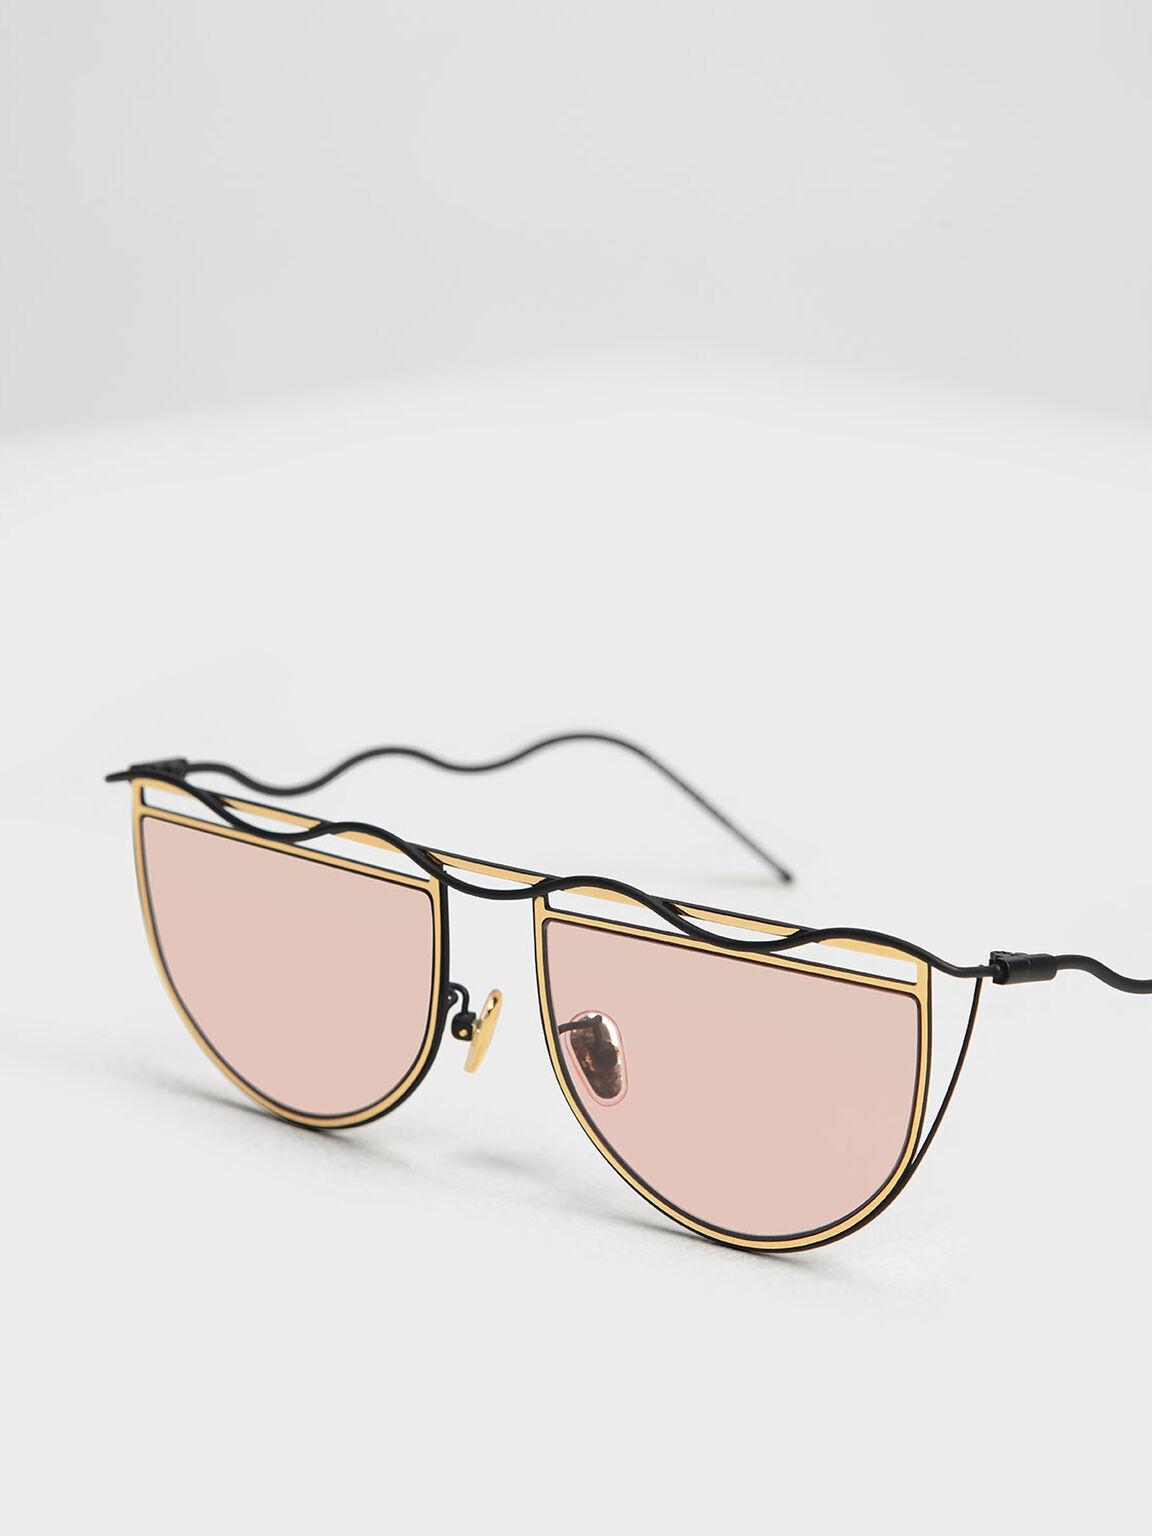 Drop Temple Semi-Circle Sunglasses, Gold, hi-res